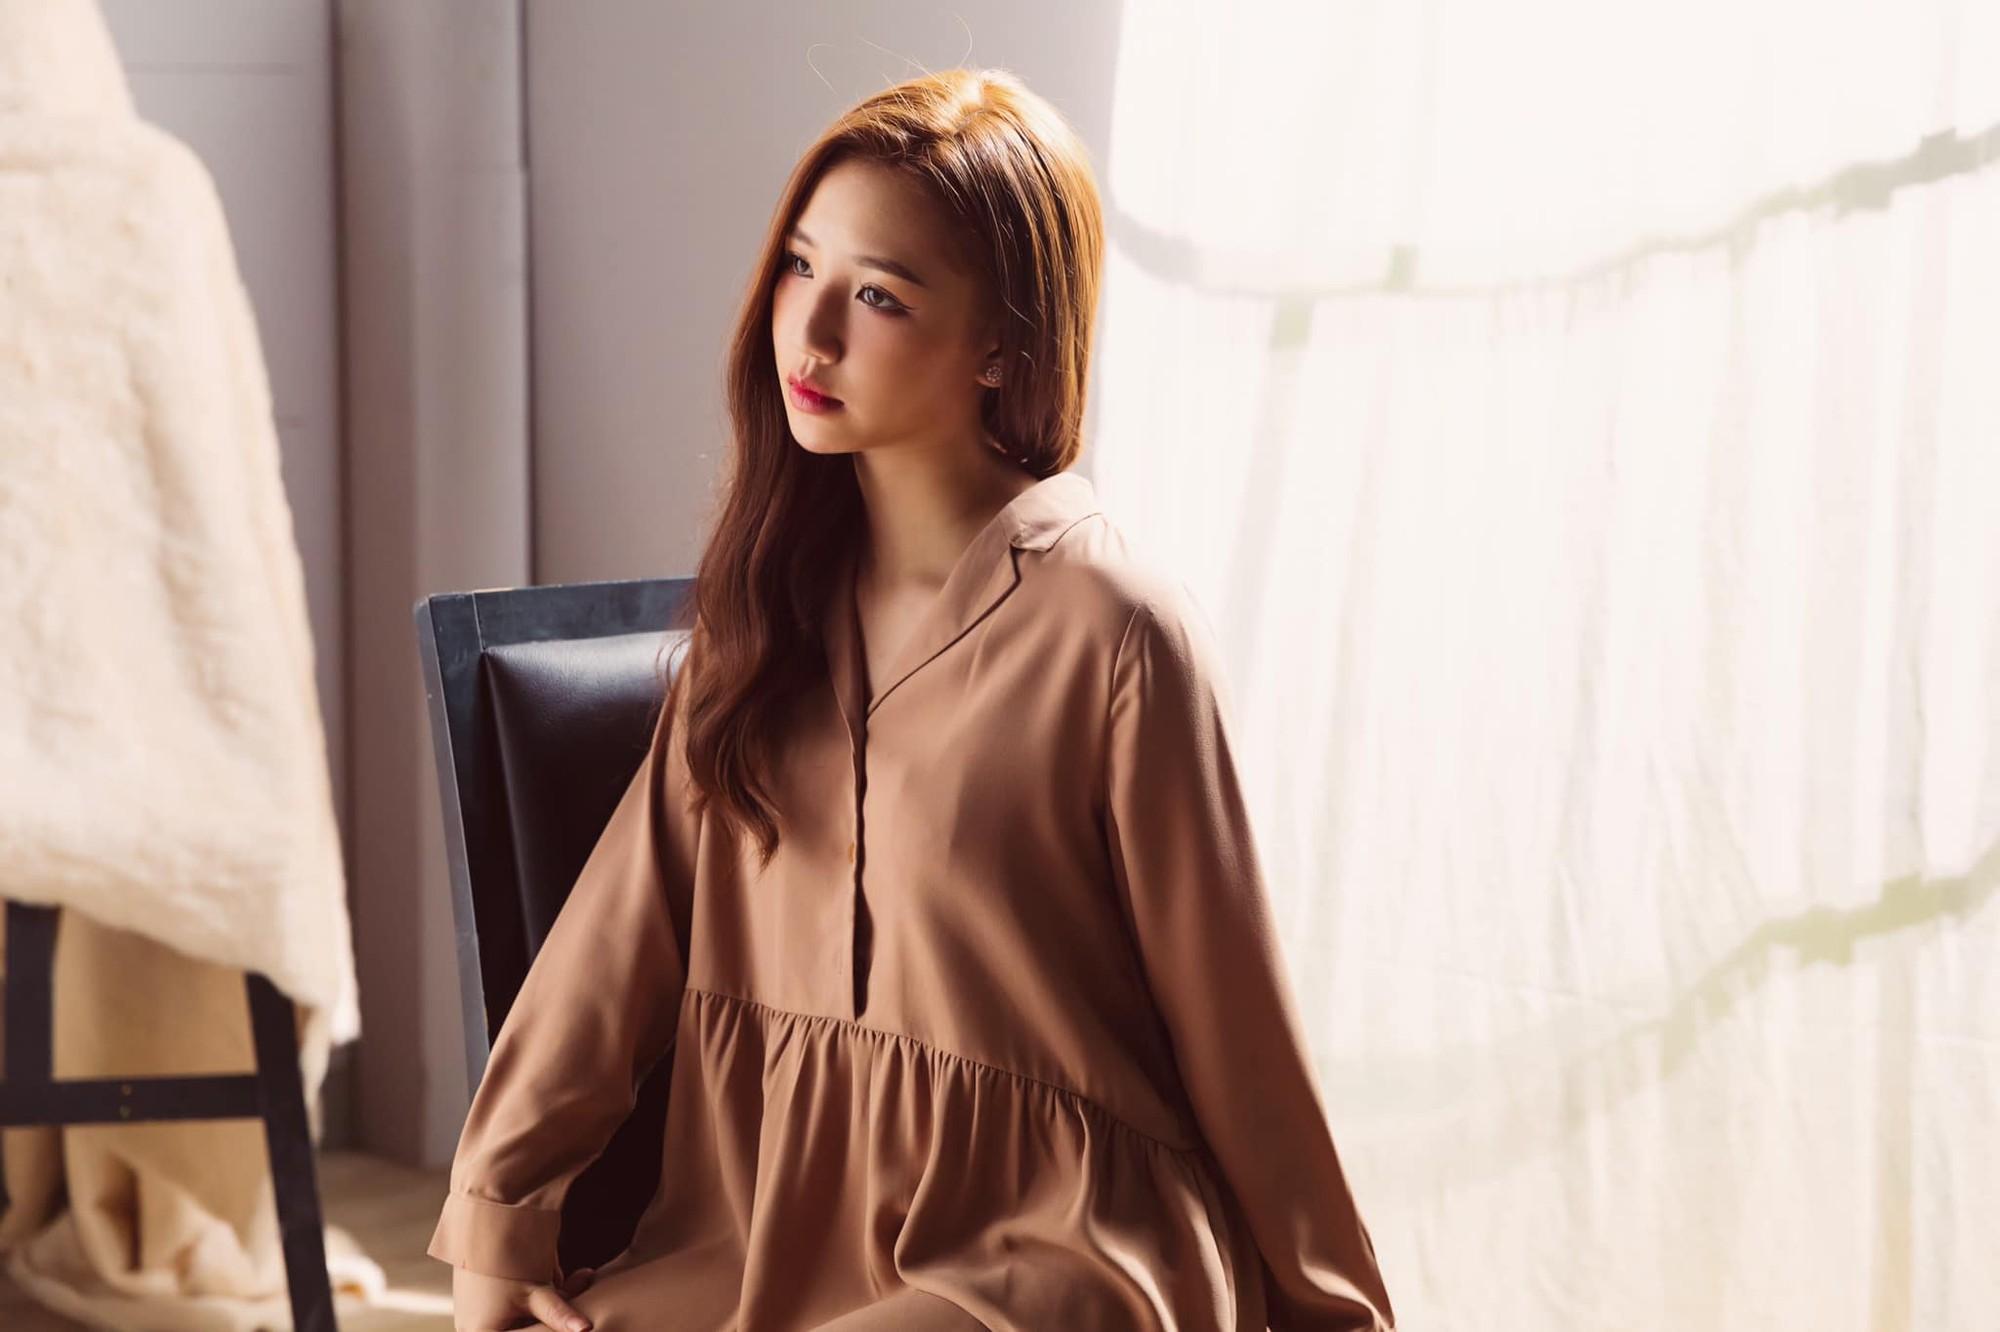 Thế hệ mỹ nhân 10x của Vbiz: Người sở hữu vòng eo nhỏ nhất showbiz, người là Hoa hậu mang nét đẹp lai Tây gợi cảm hút hồn - Ảnh 12.